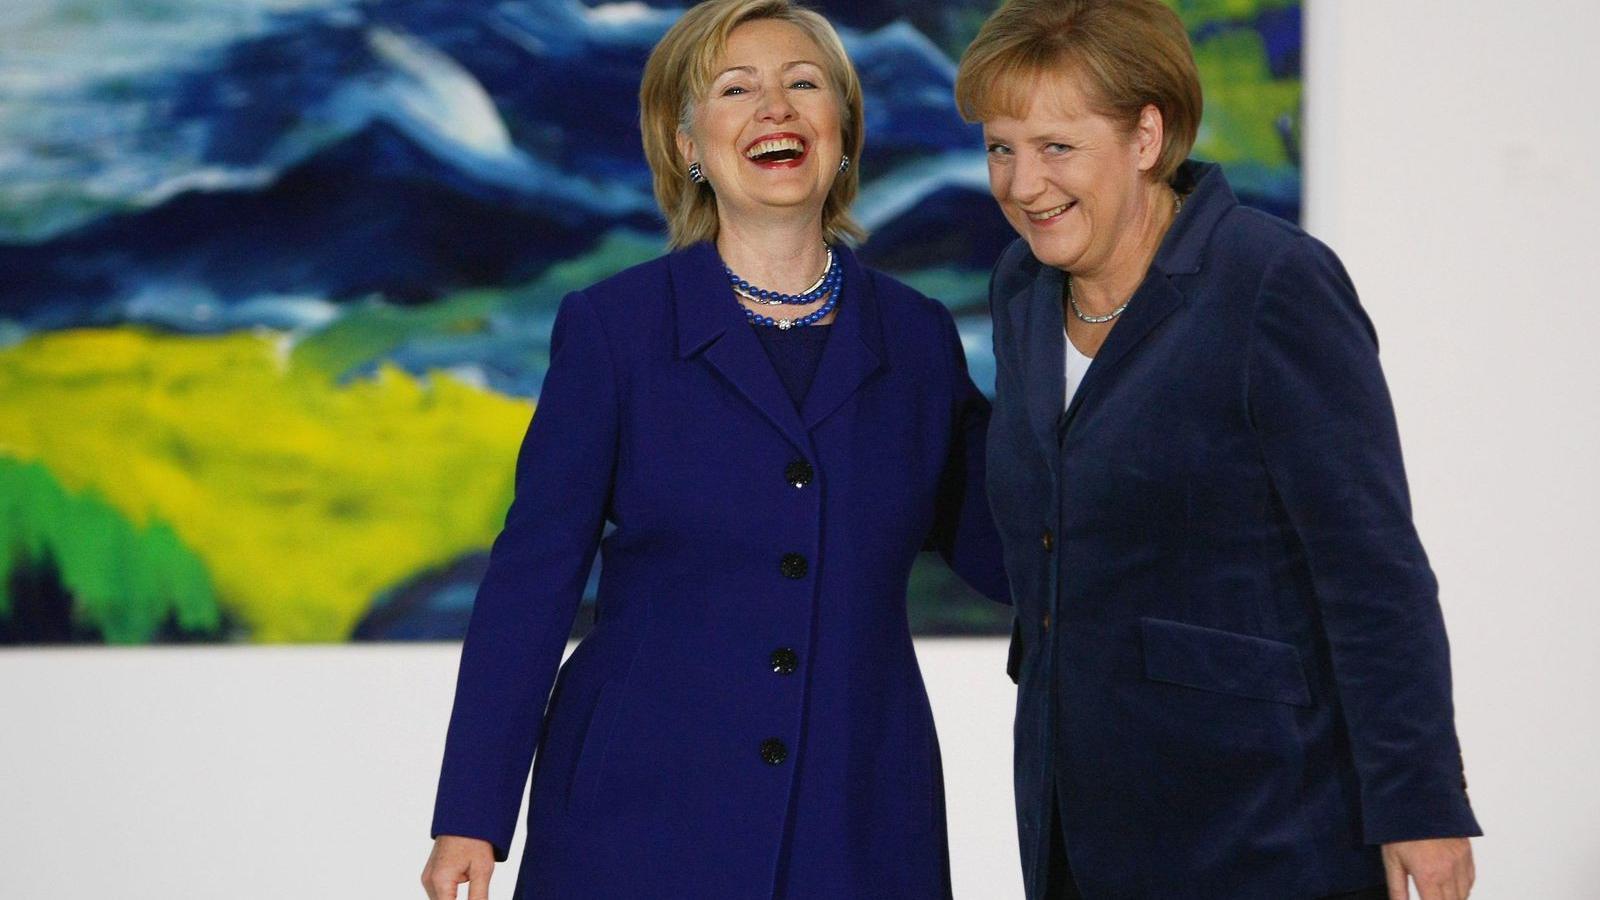 8db6c3d0d0 A novemberi elnökválasztás után ők ketten lehetnek a világ legbefolyásosabb  asszonyai FOTÓ: EUROPRESS/GETTY IMAGES